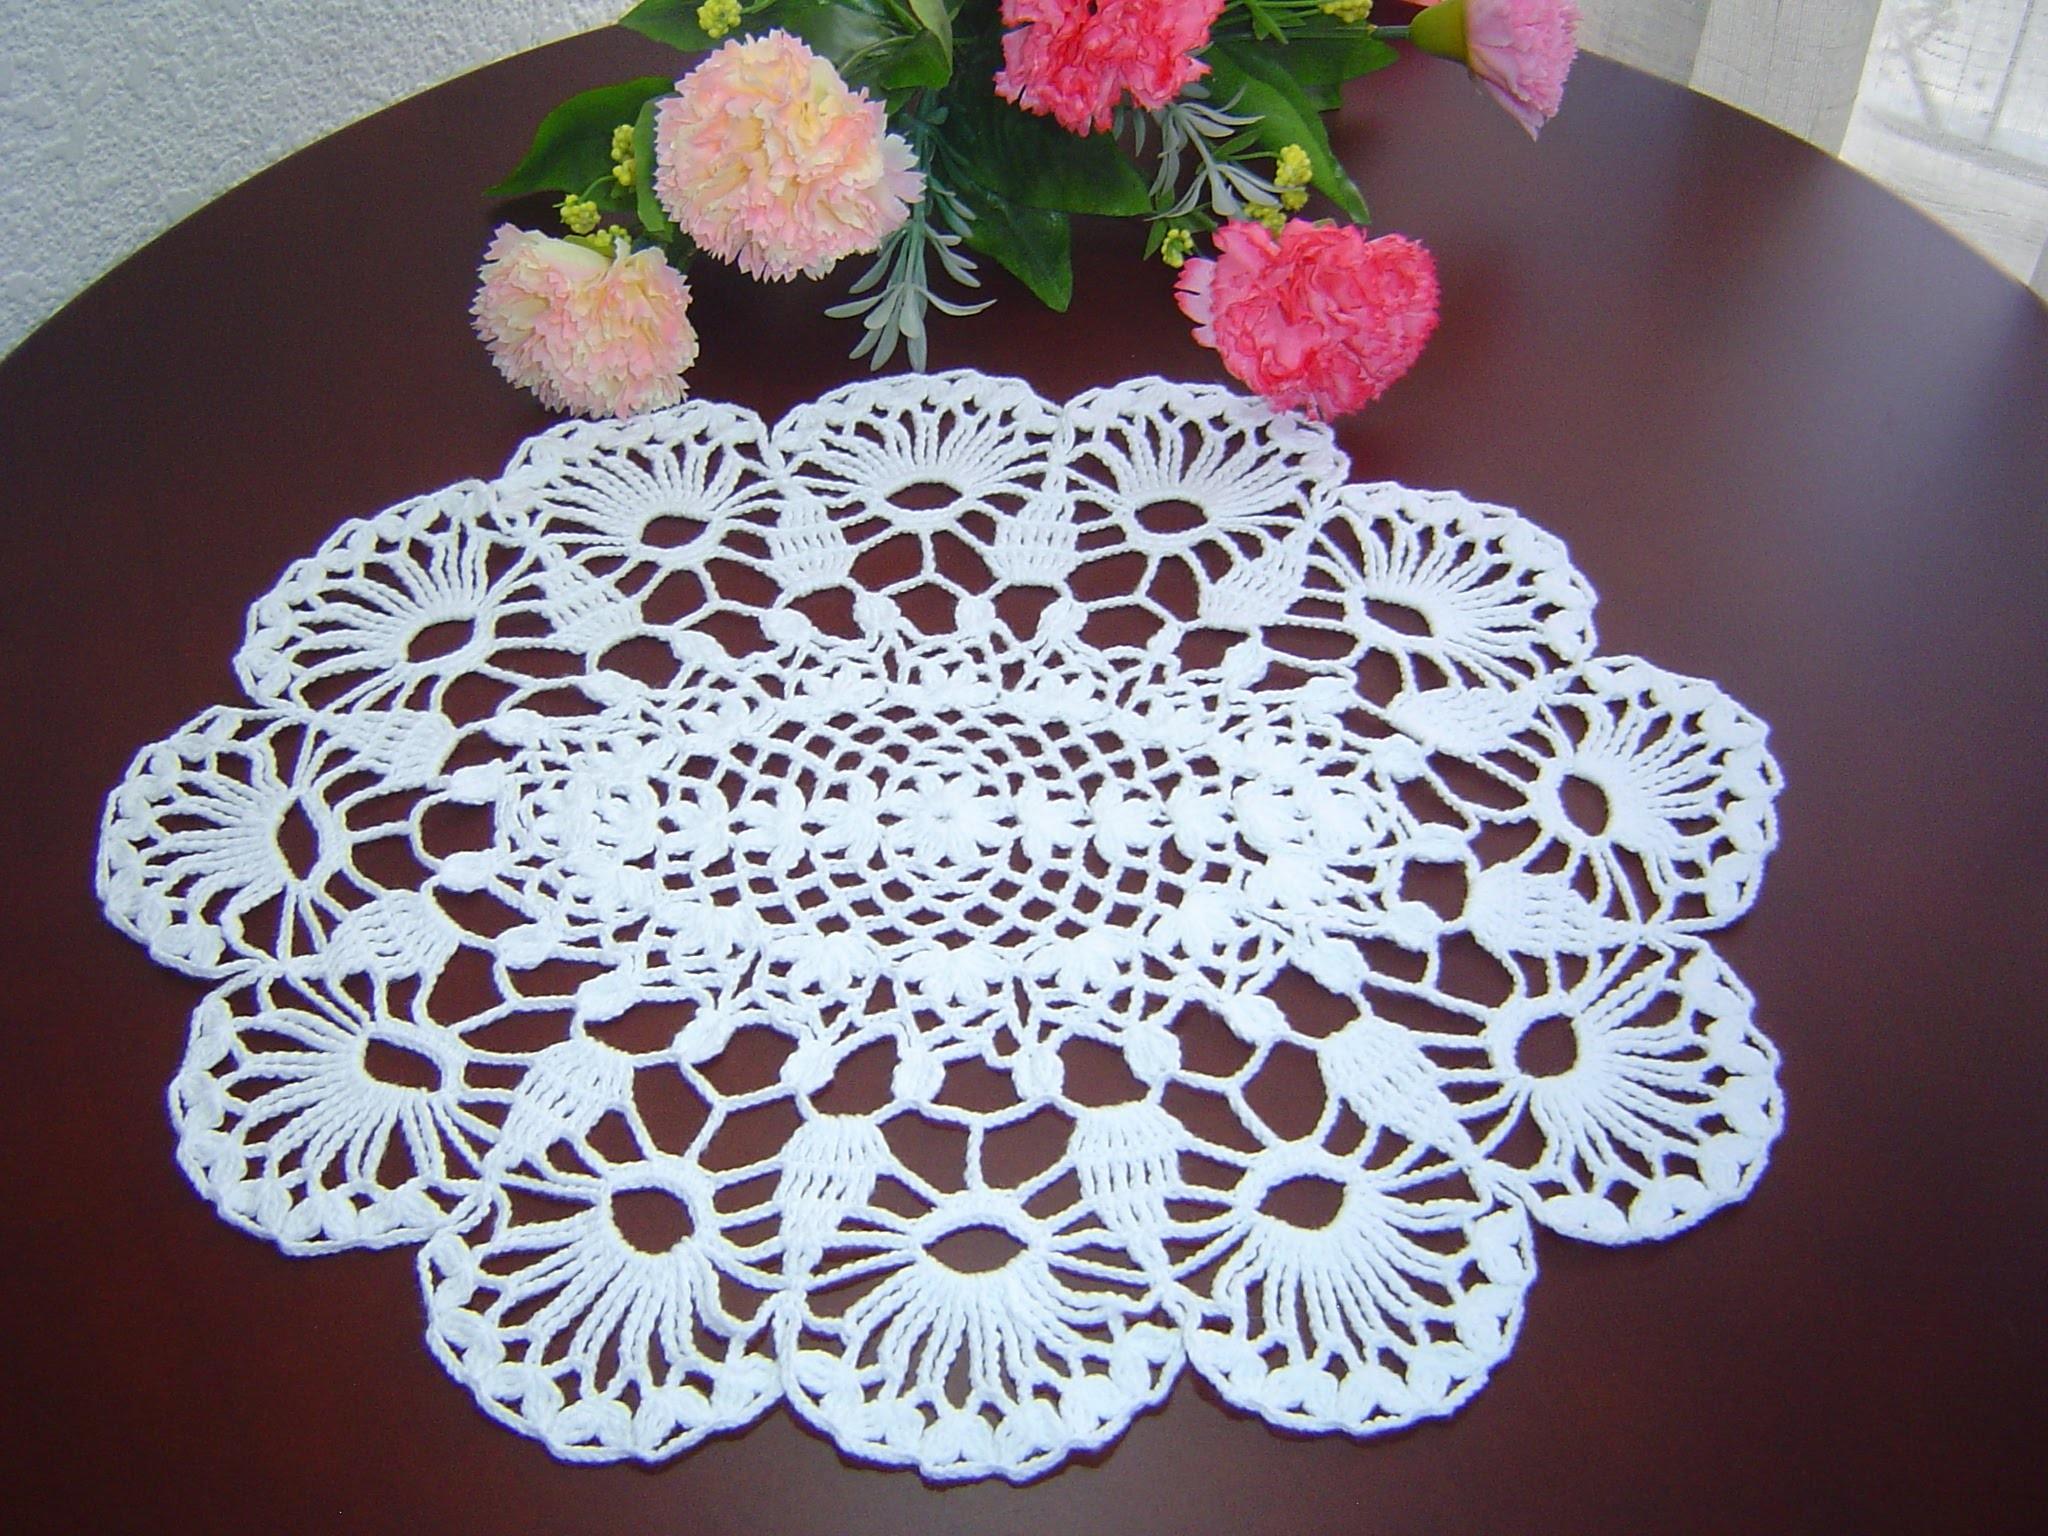 Como Tejer Carpeta o Centro de Mesa a crochet paso a paso DIY 3.3